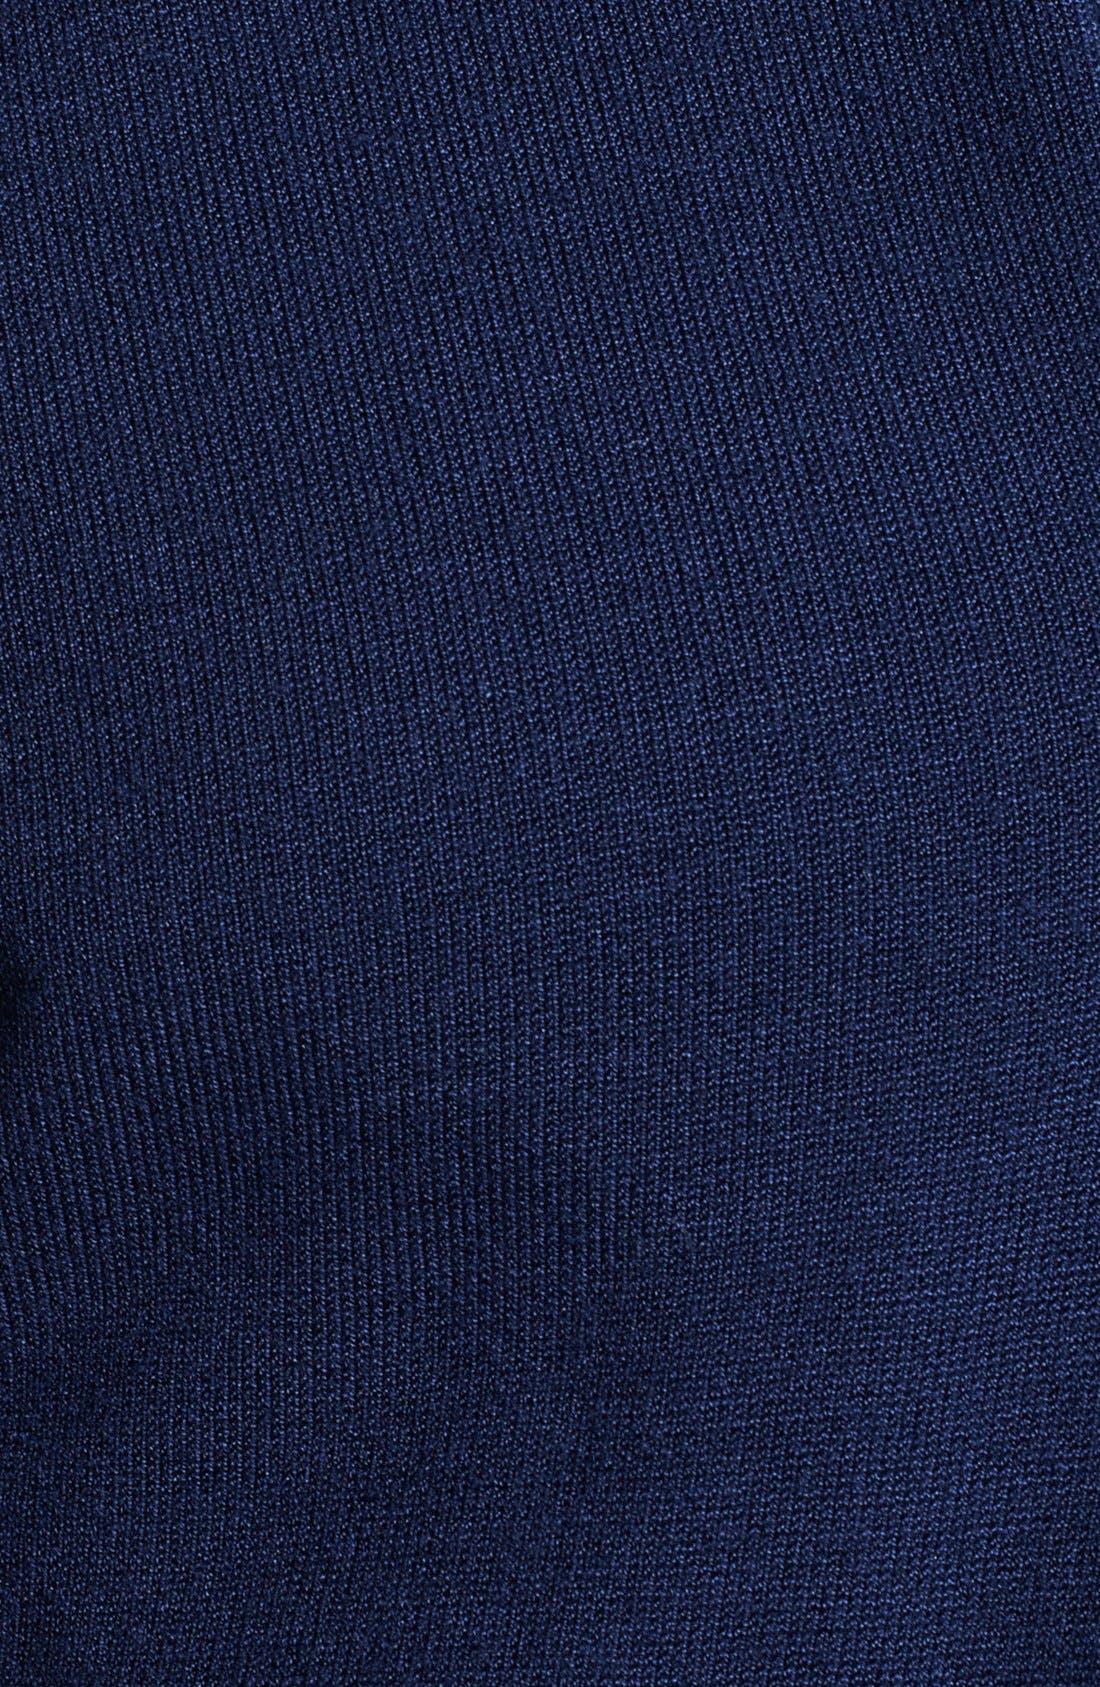 Alternate Image 3  - Armani Collezioni Shawl Collar Sweater